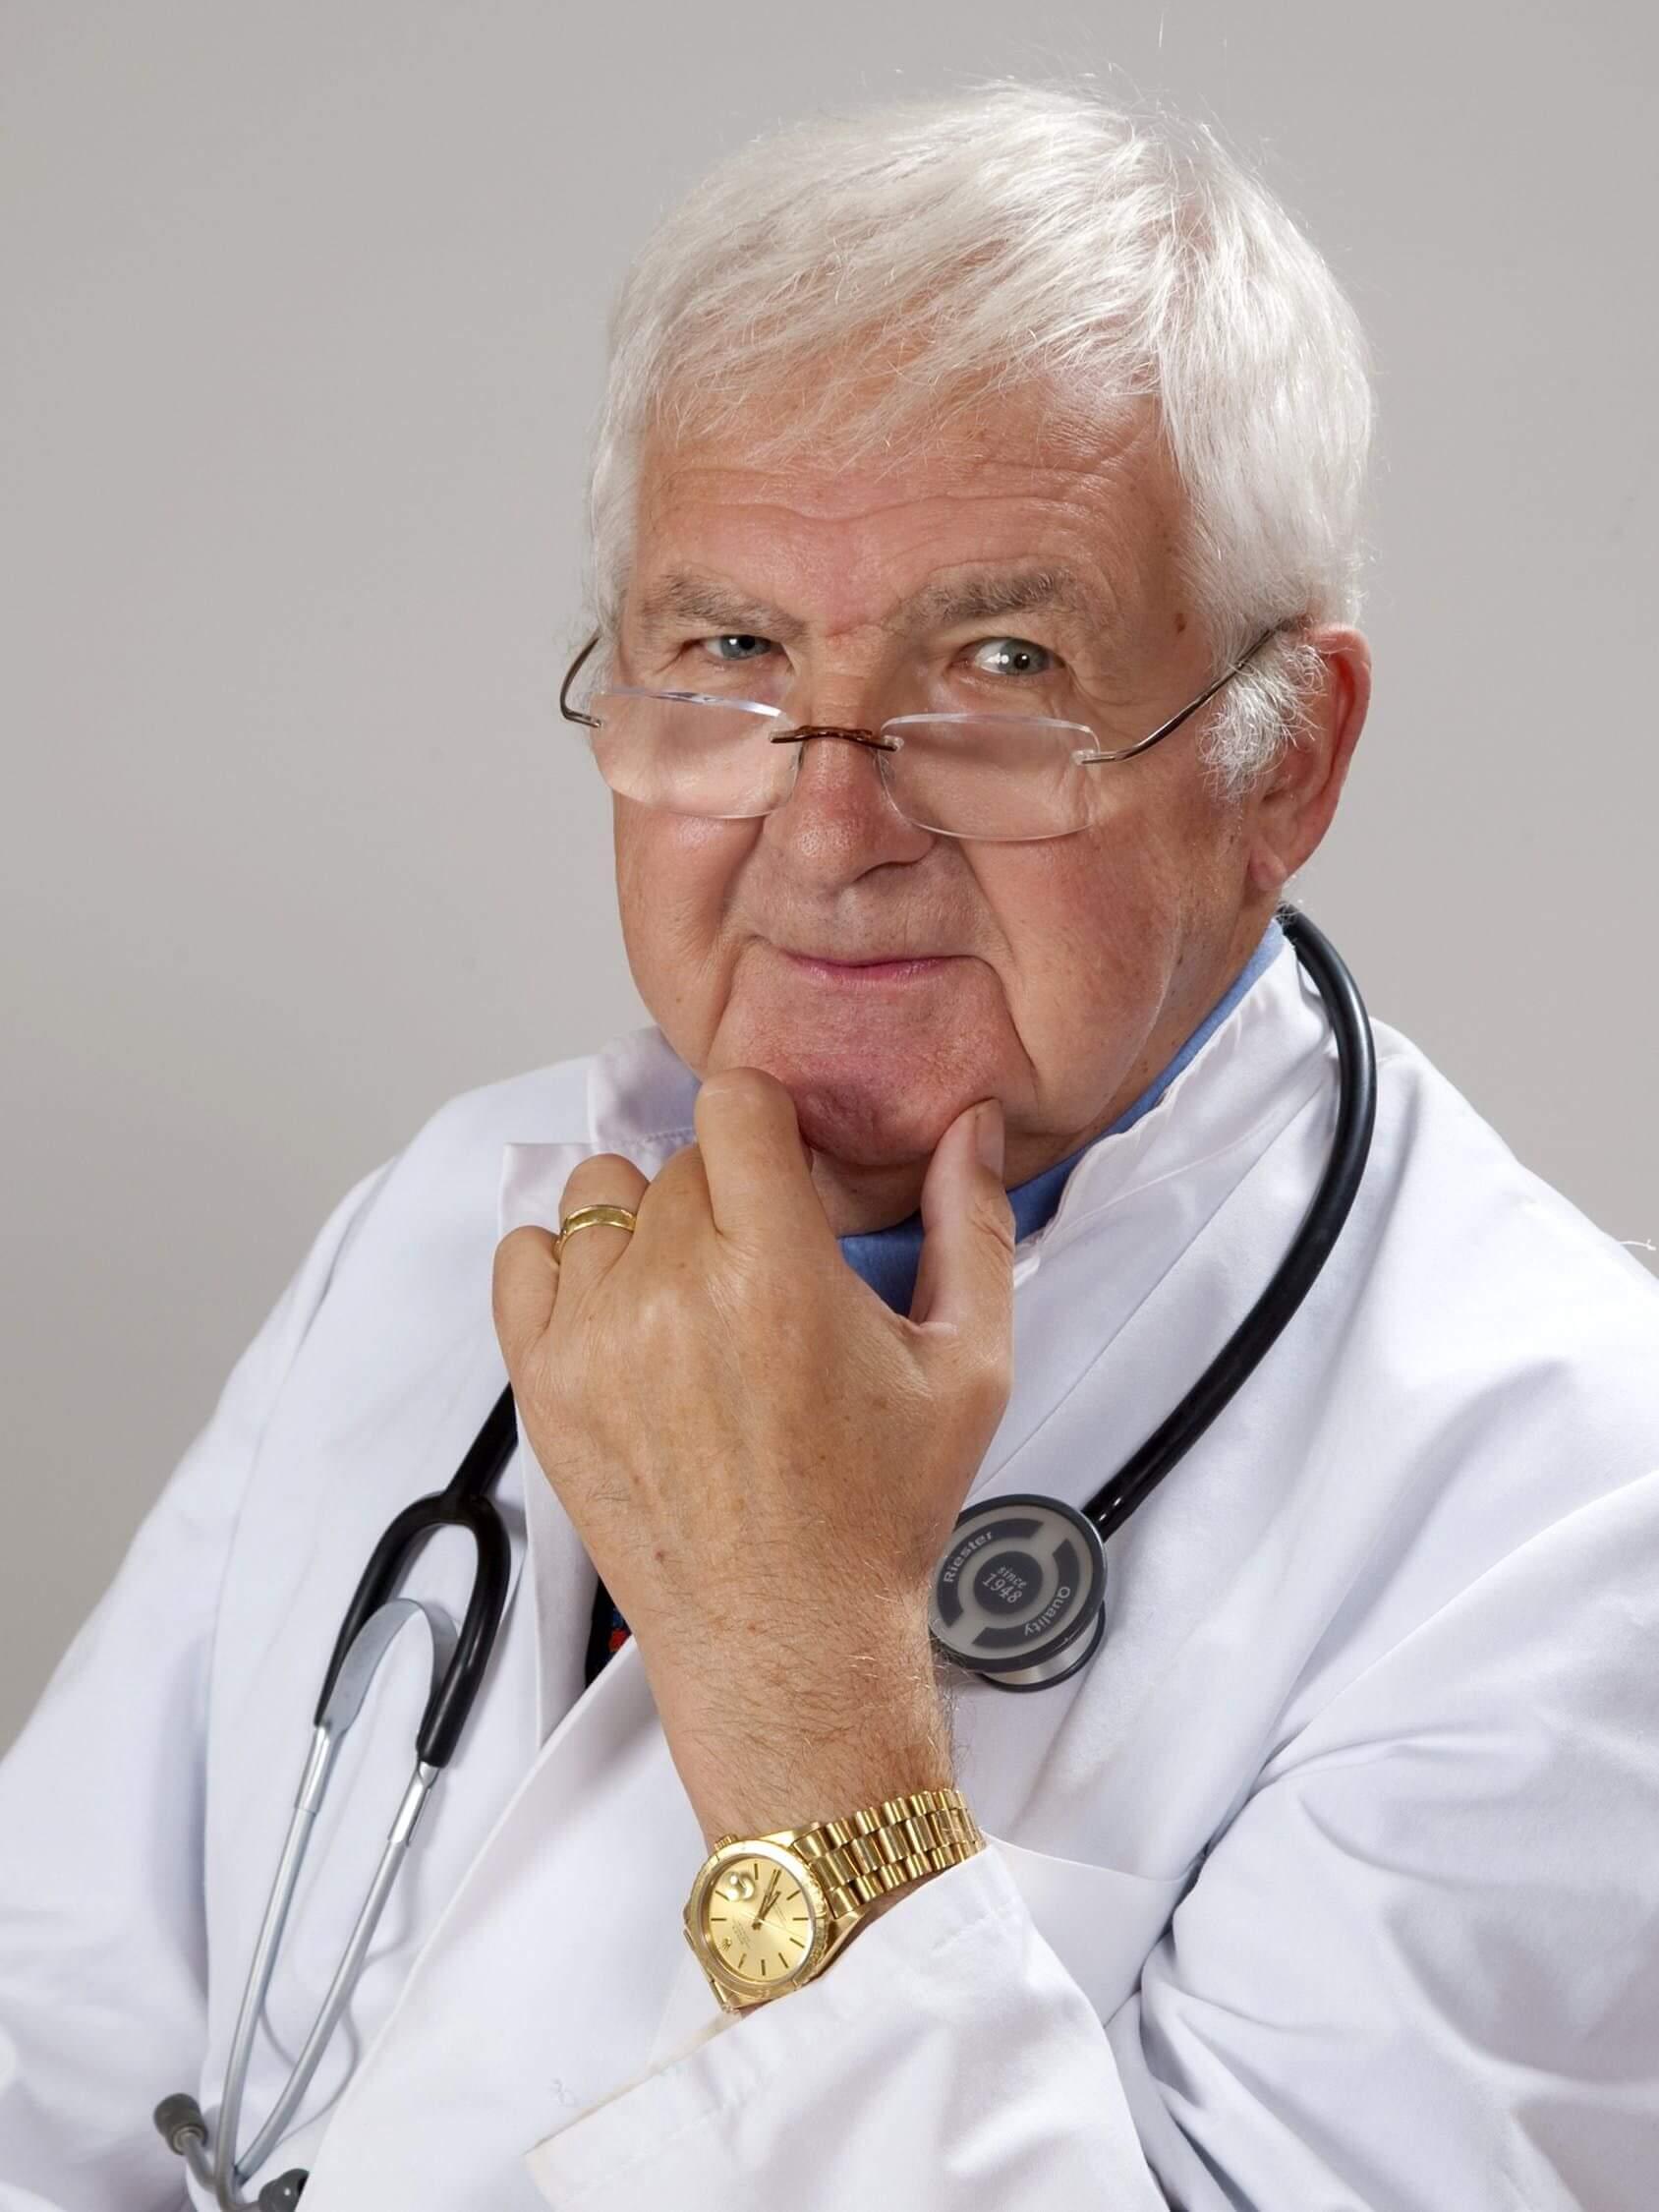 60 éves férfi látásélessége cékla a látás kezelésére